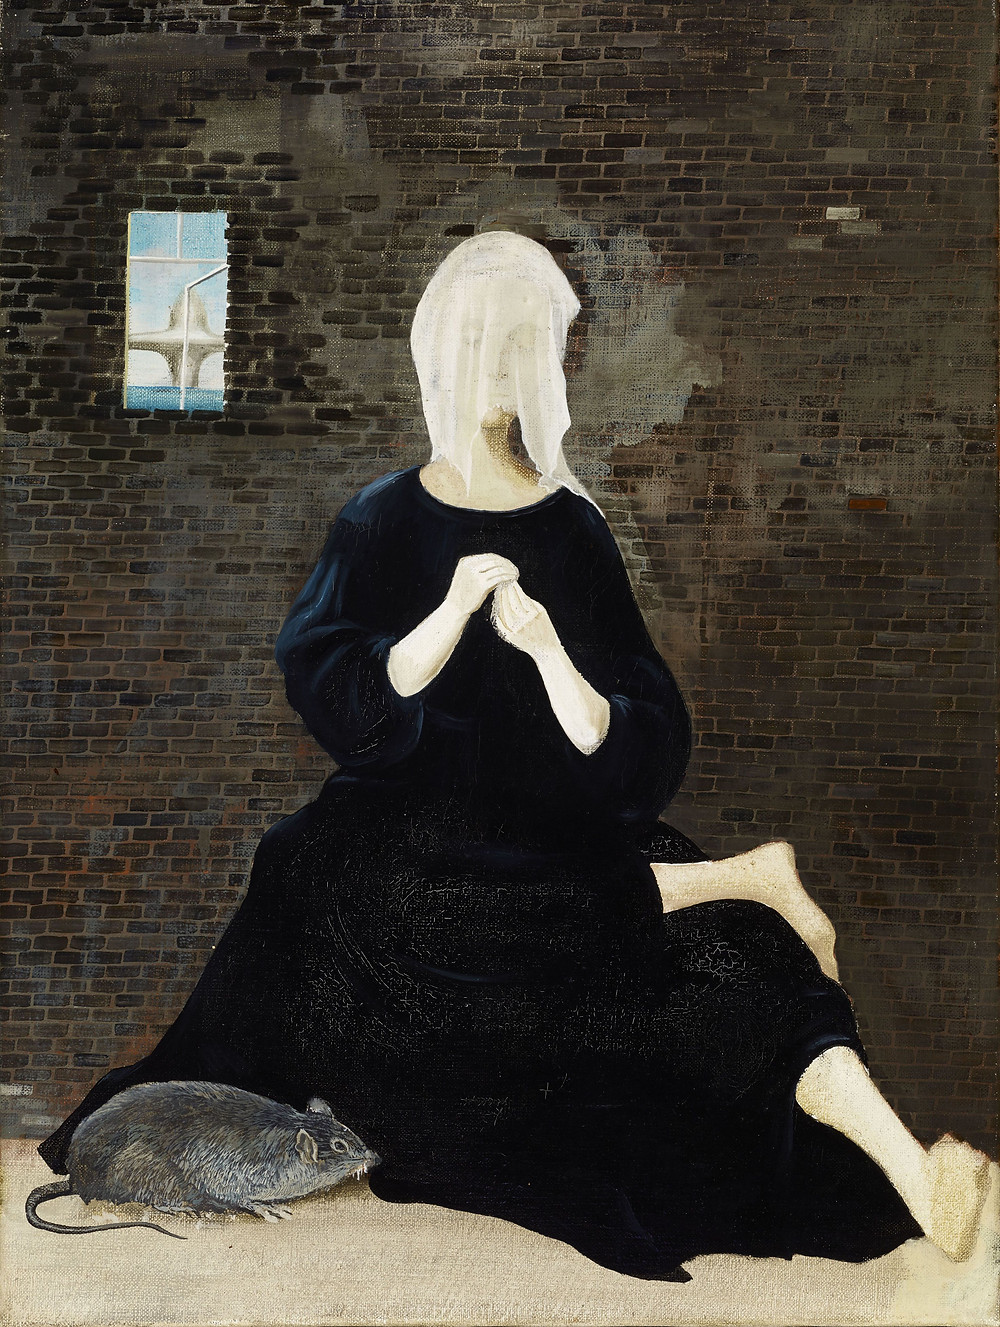 Ország Lili: Szorongás, 1955. Olaj, vászon, 66 x 45 cm. Kolozsváry-gyűjtemény, Győr